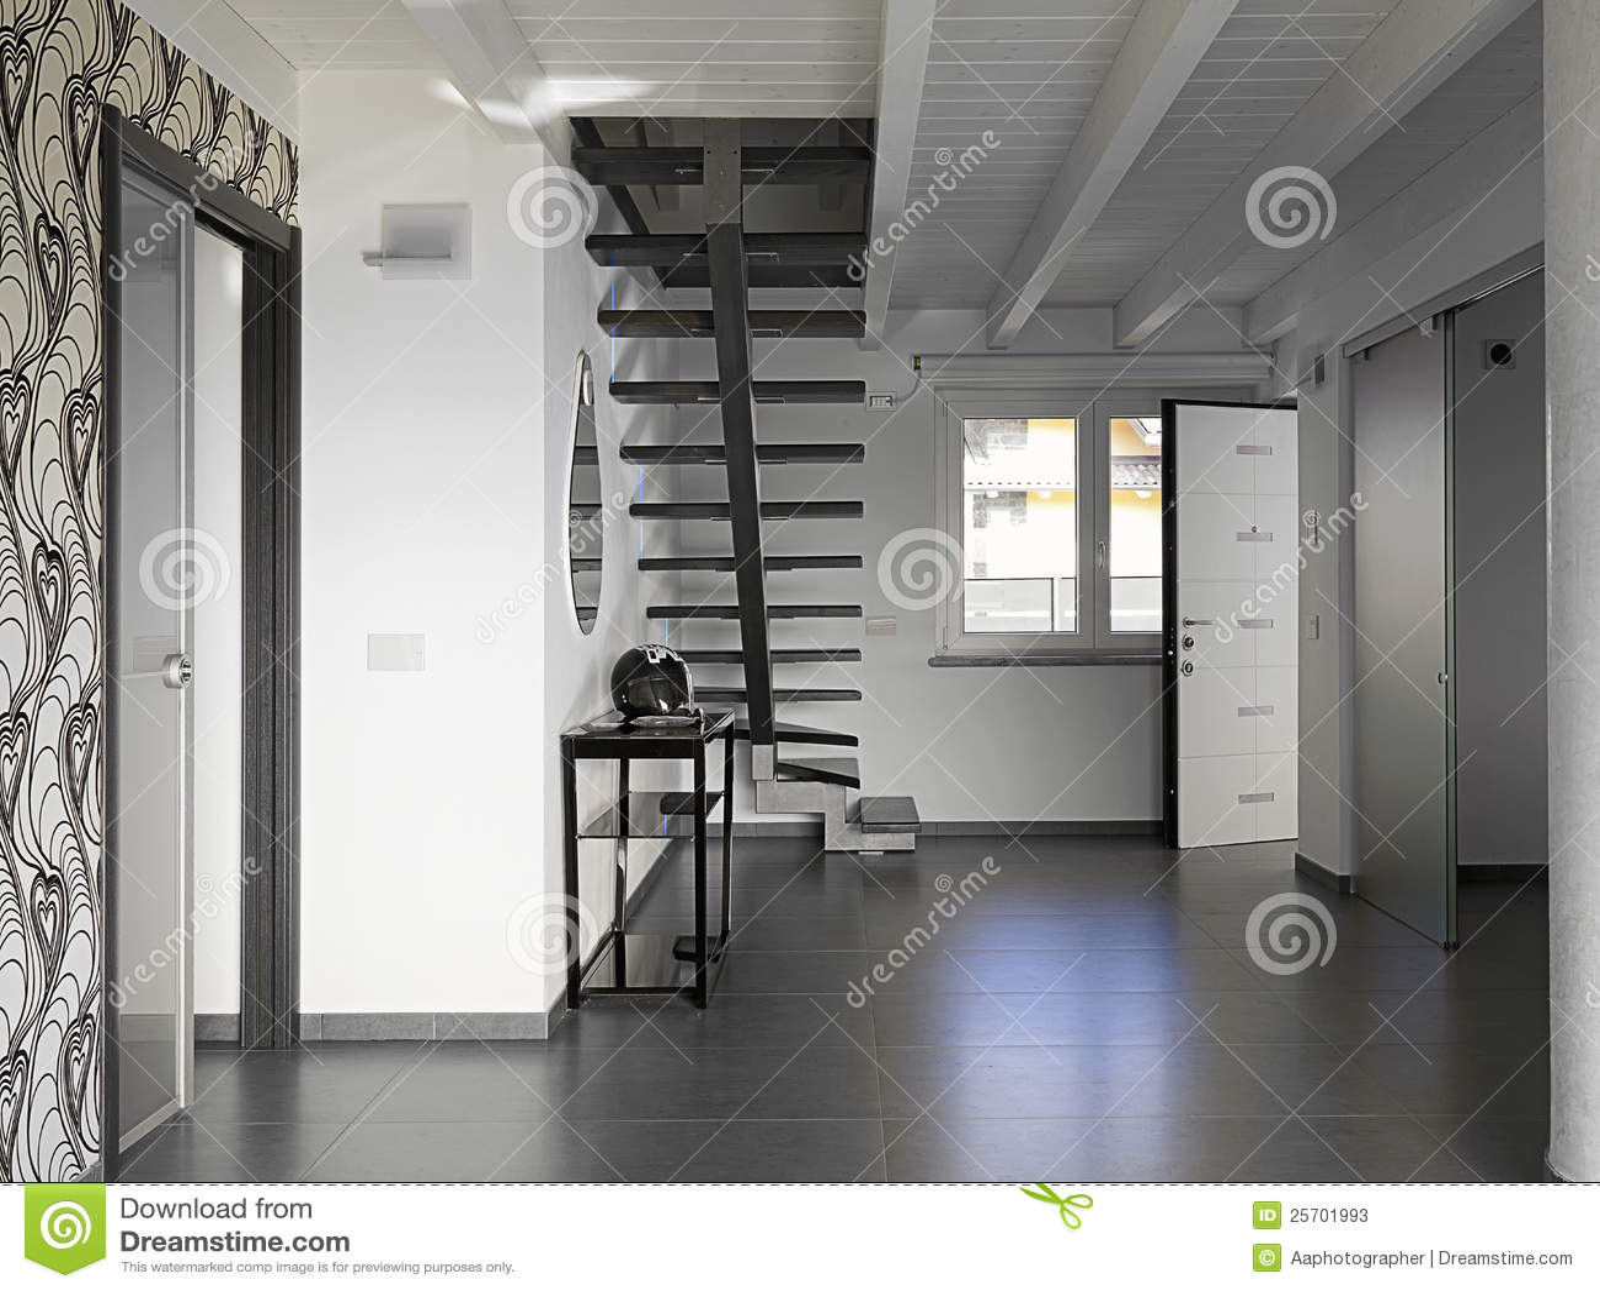 Entrée moderne de villa image stock. Image du escalier - 25701993